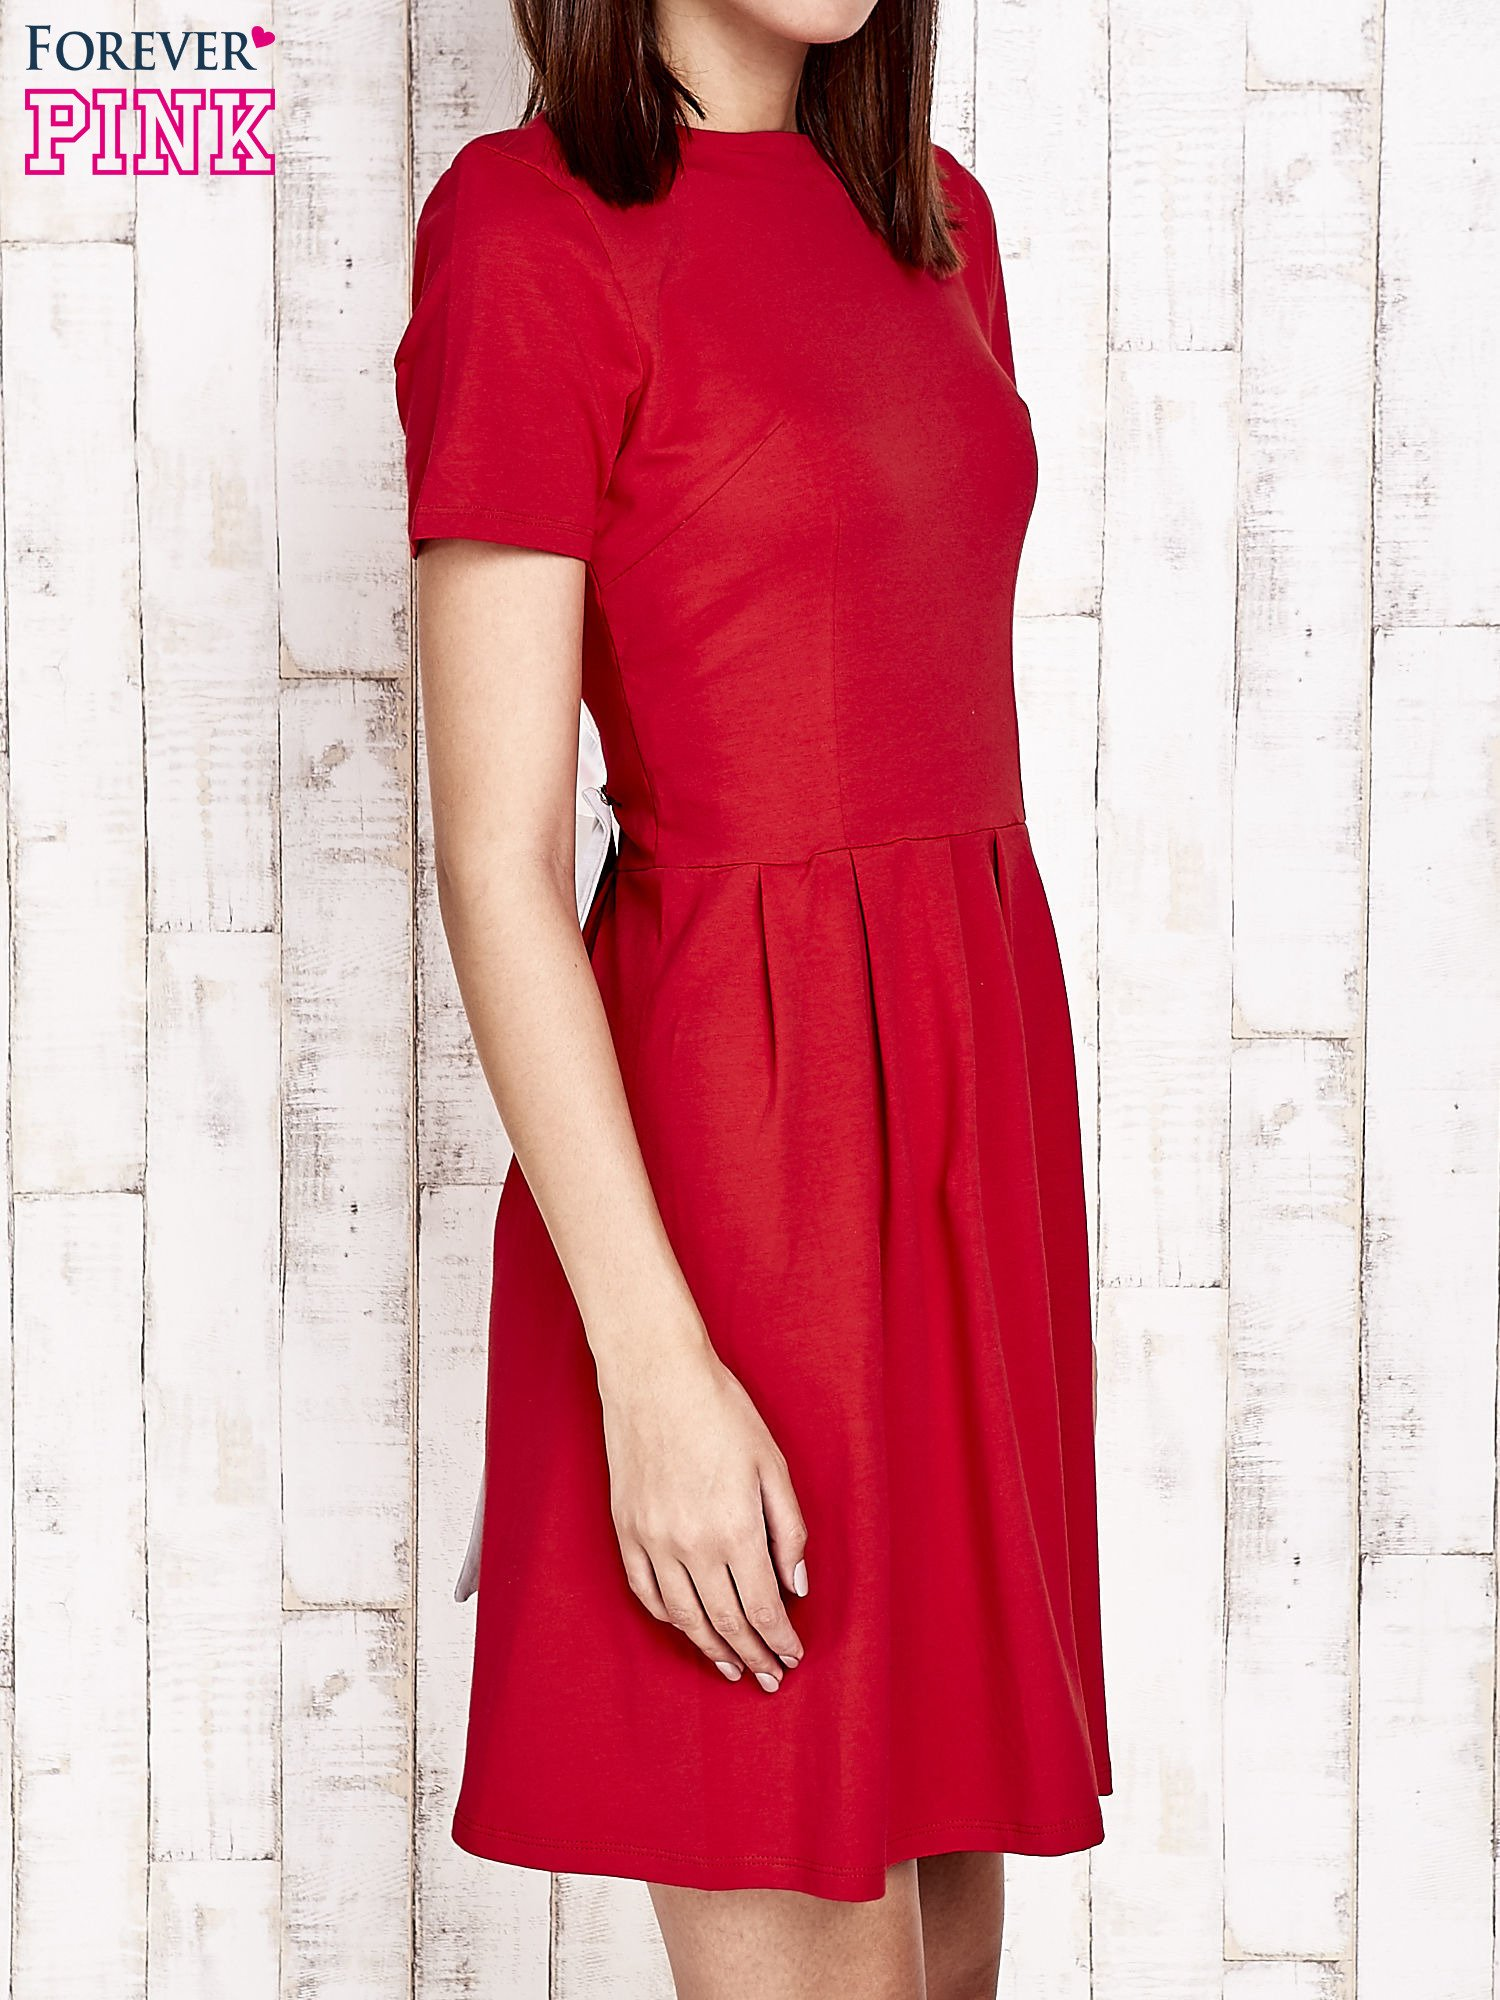 Czerwona sukienka dresowa wiązana na kokardę z tyłu                                  zdj.                                  3